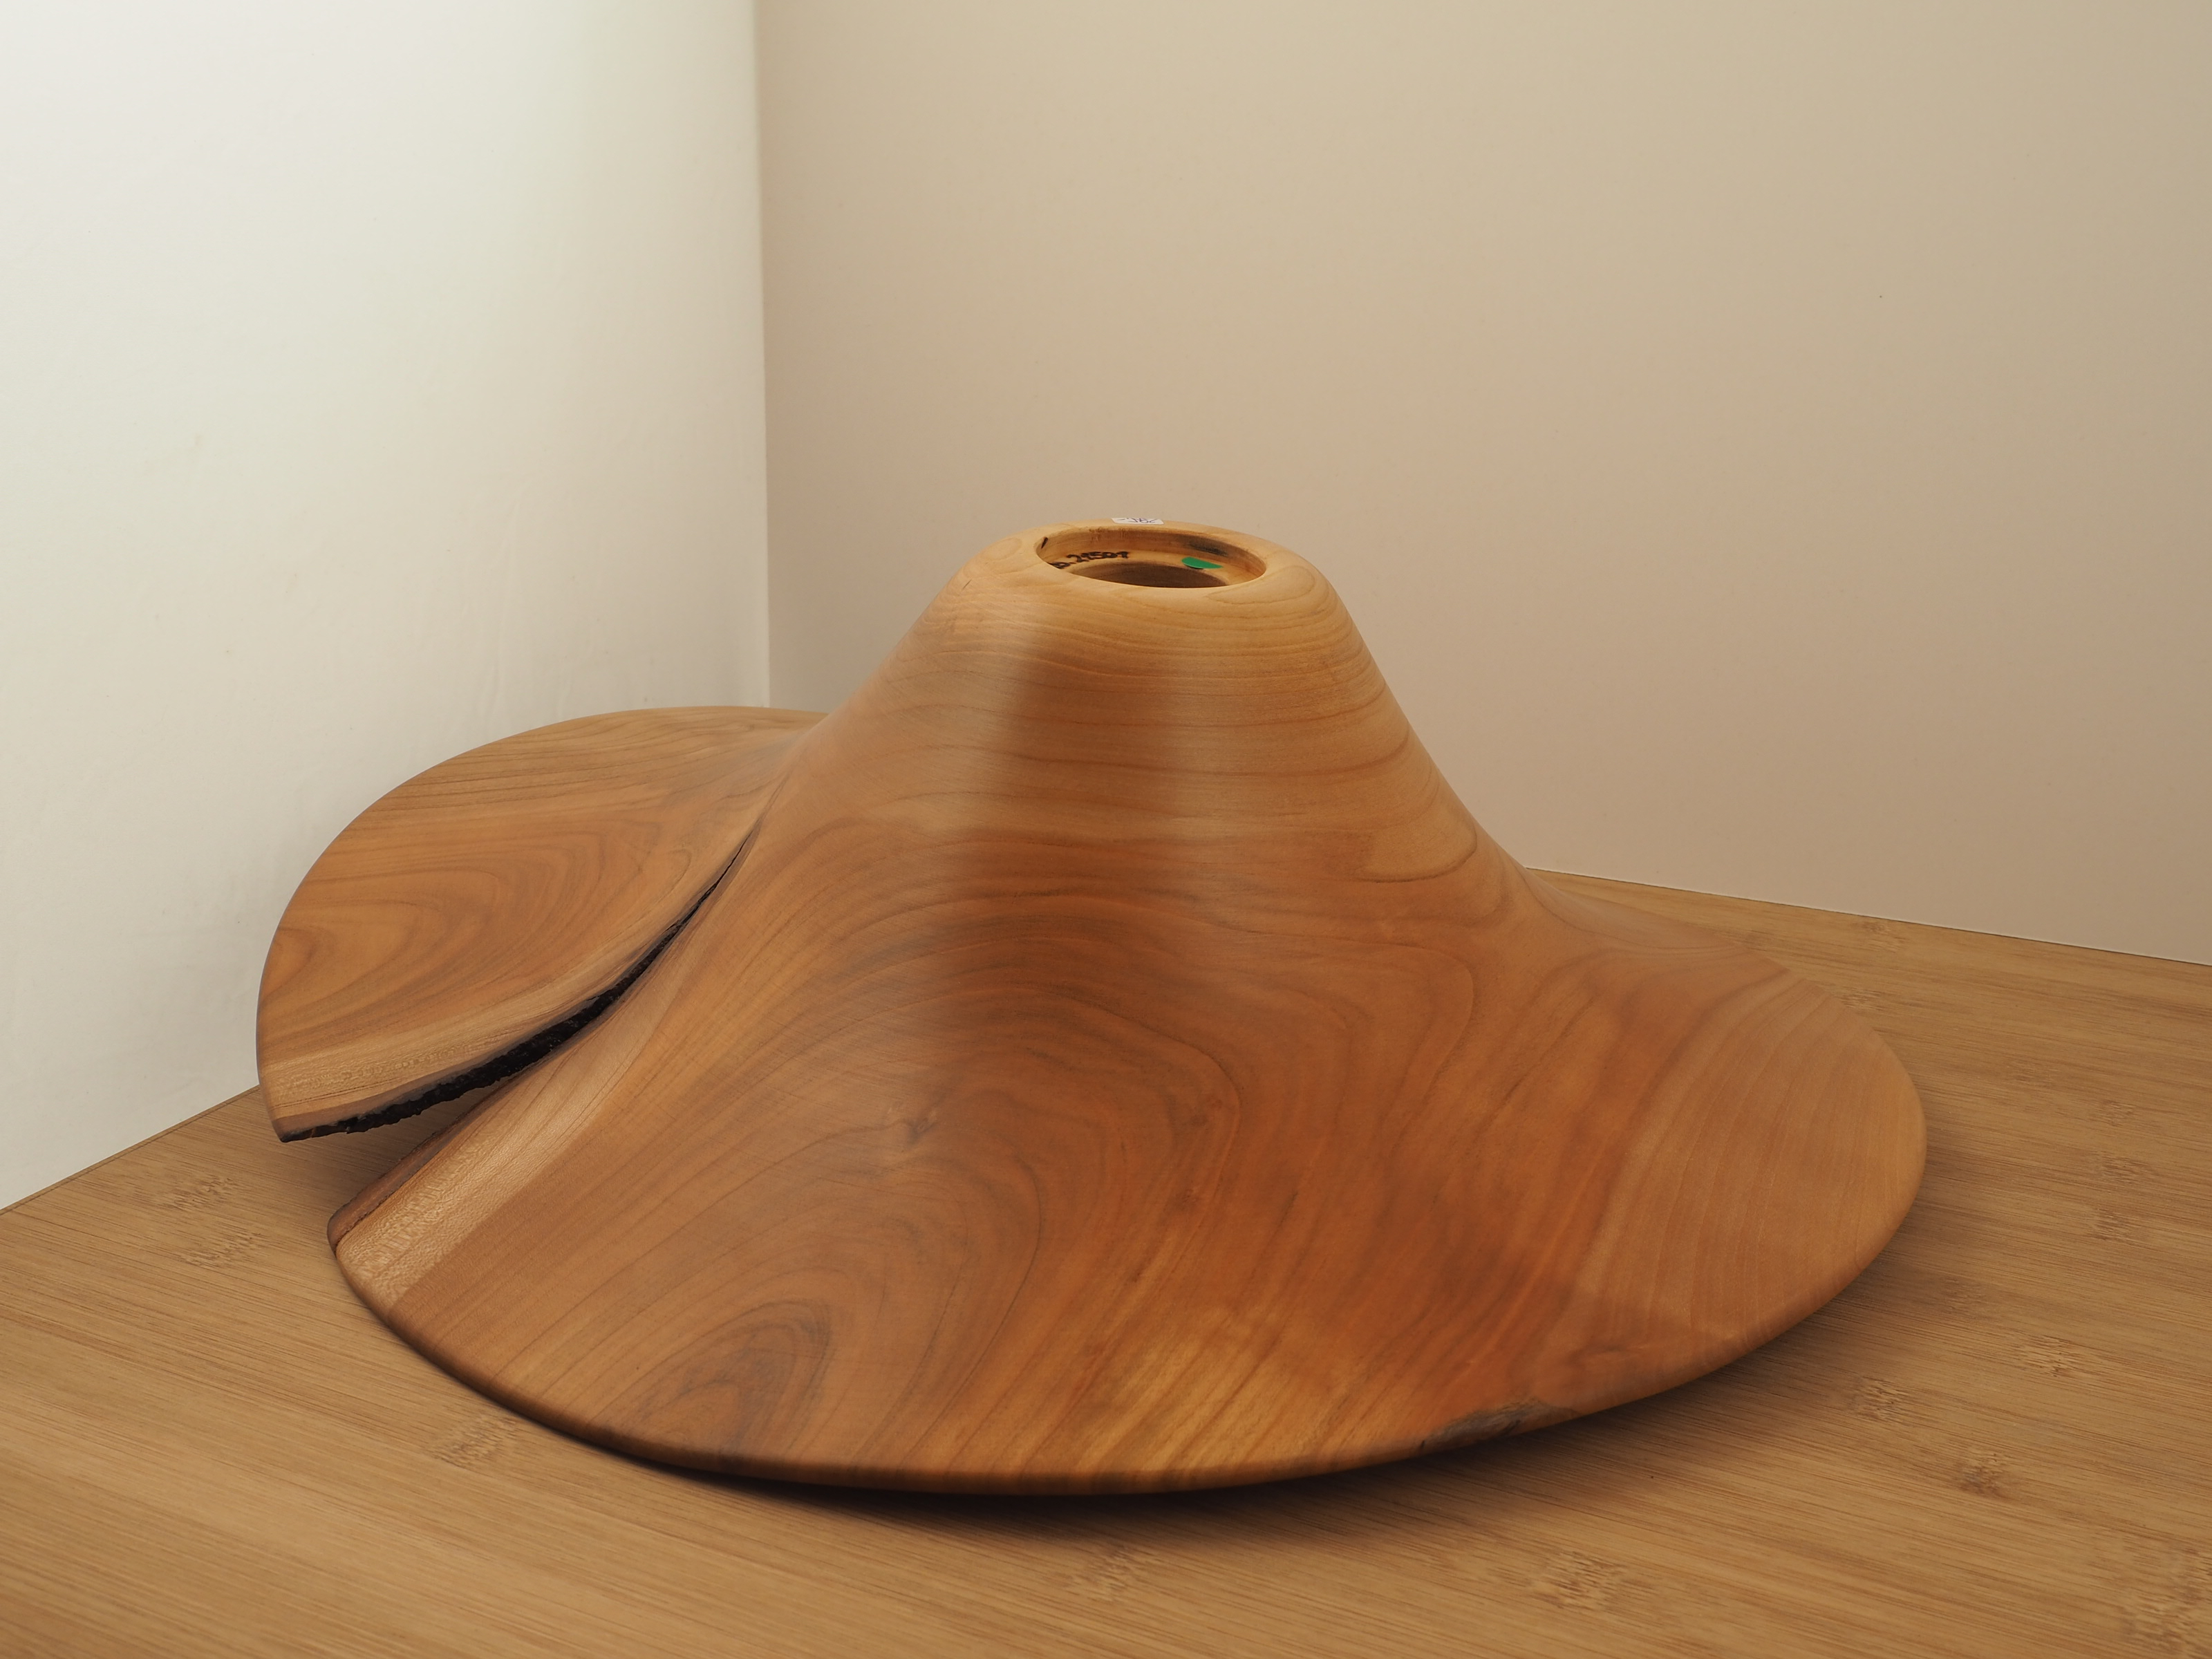 Lampe aus Kirschbaumholz